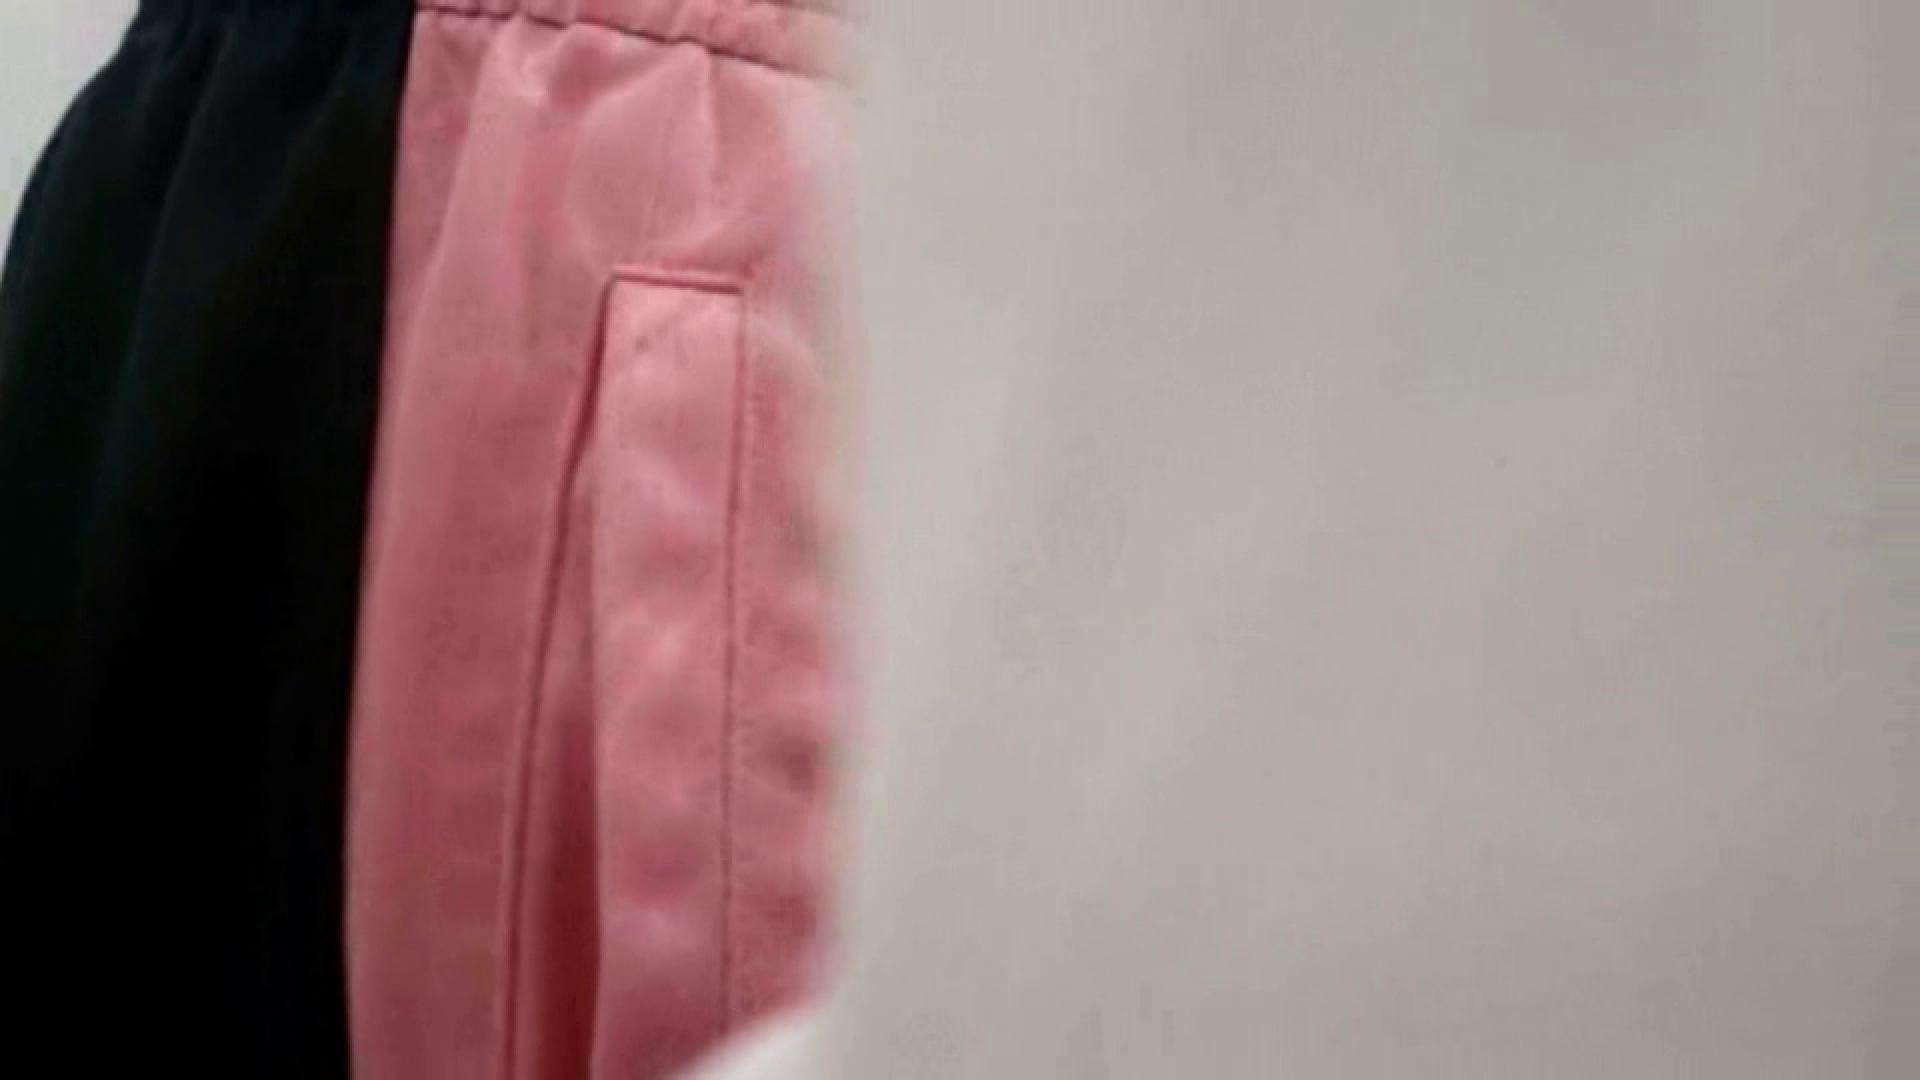 vol.2 葵のグラドル顔負けの爆乳を入浴シーンでどうぞ。 高評価 アダルト動画キャプチャ 111画像 3